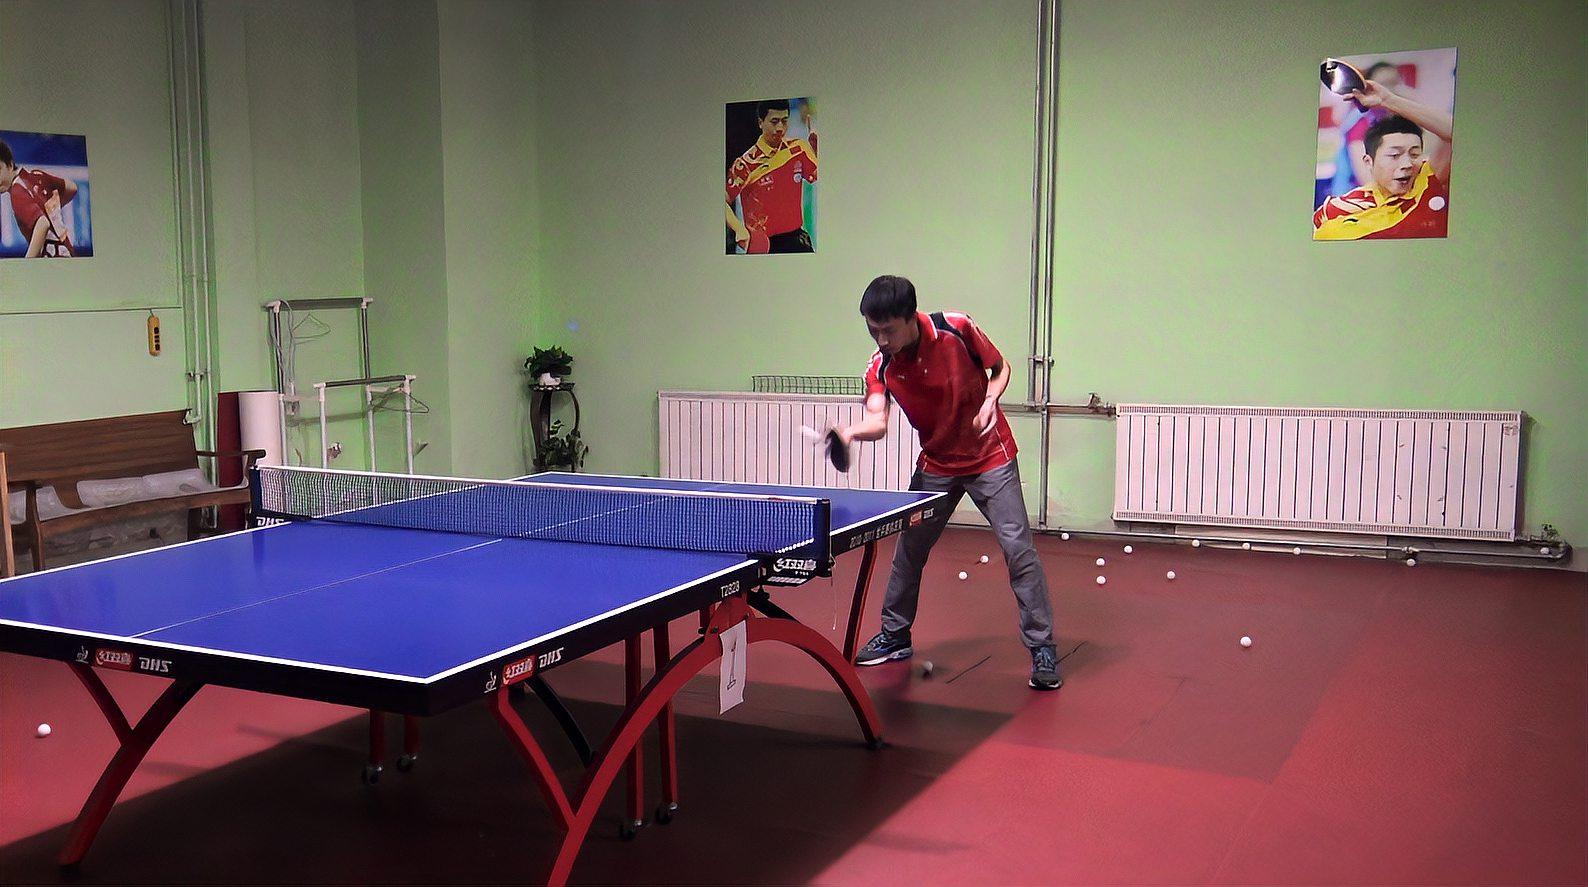 乒乓球比赛时,如何利用直板侧切打乱对手,达到出其不意的效果?